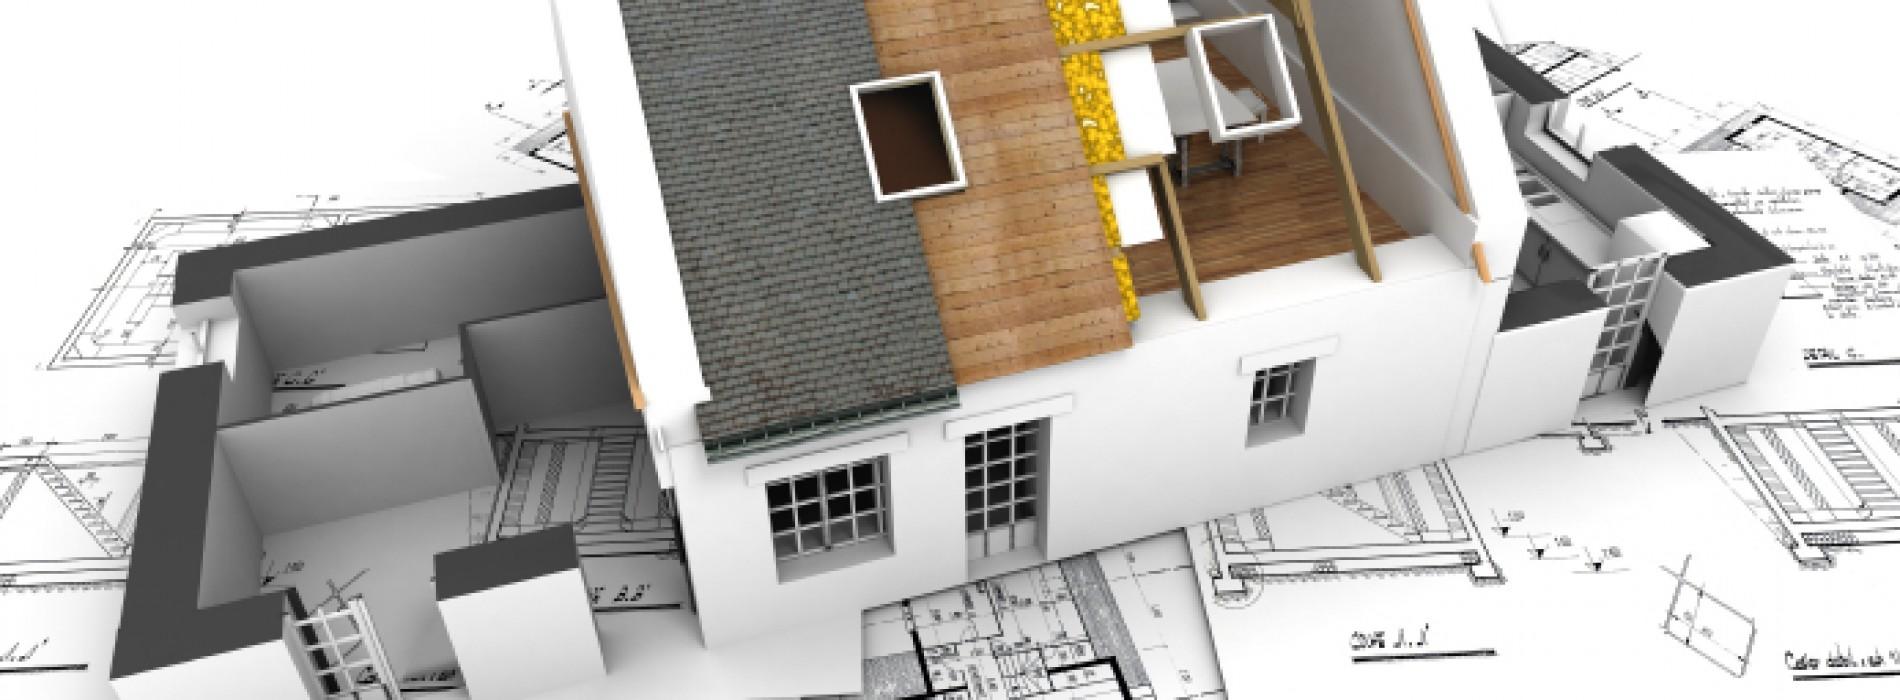 Czy budowa domu jest kosztowna?